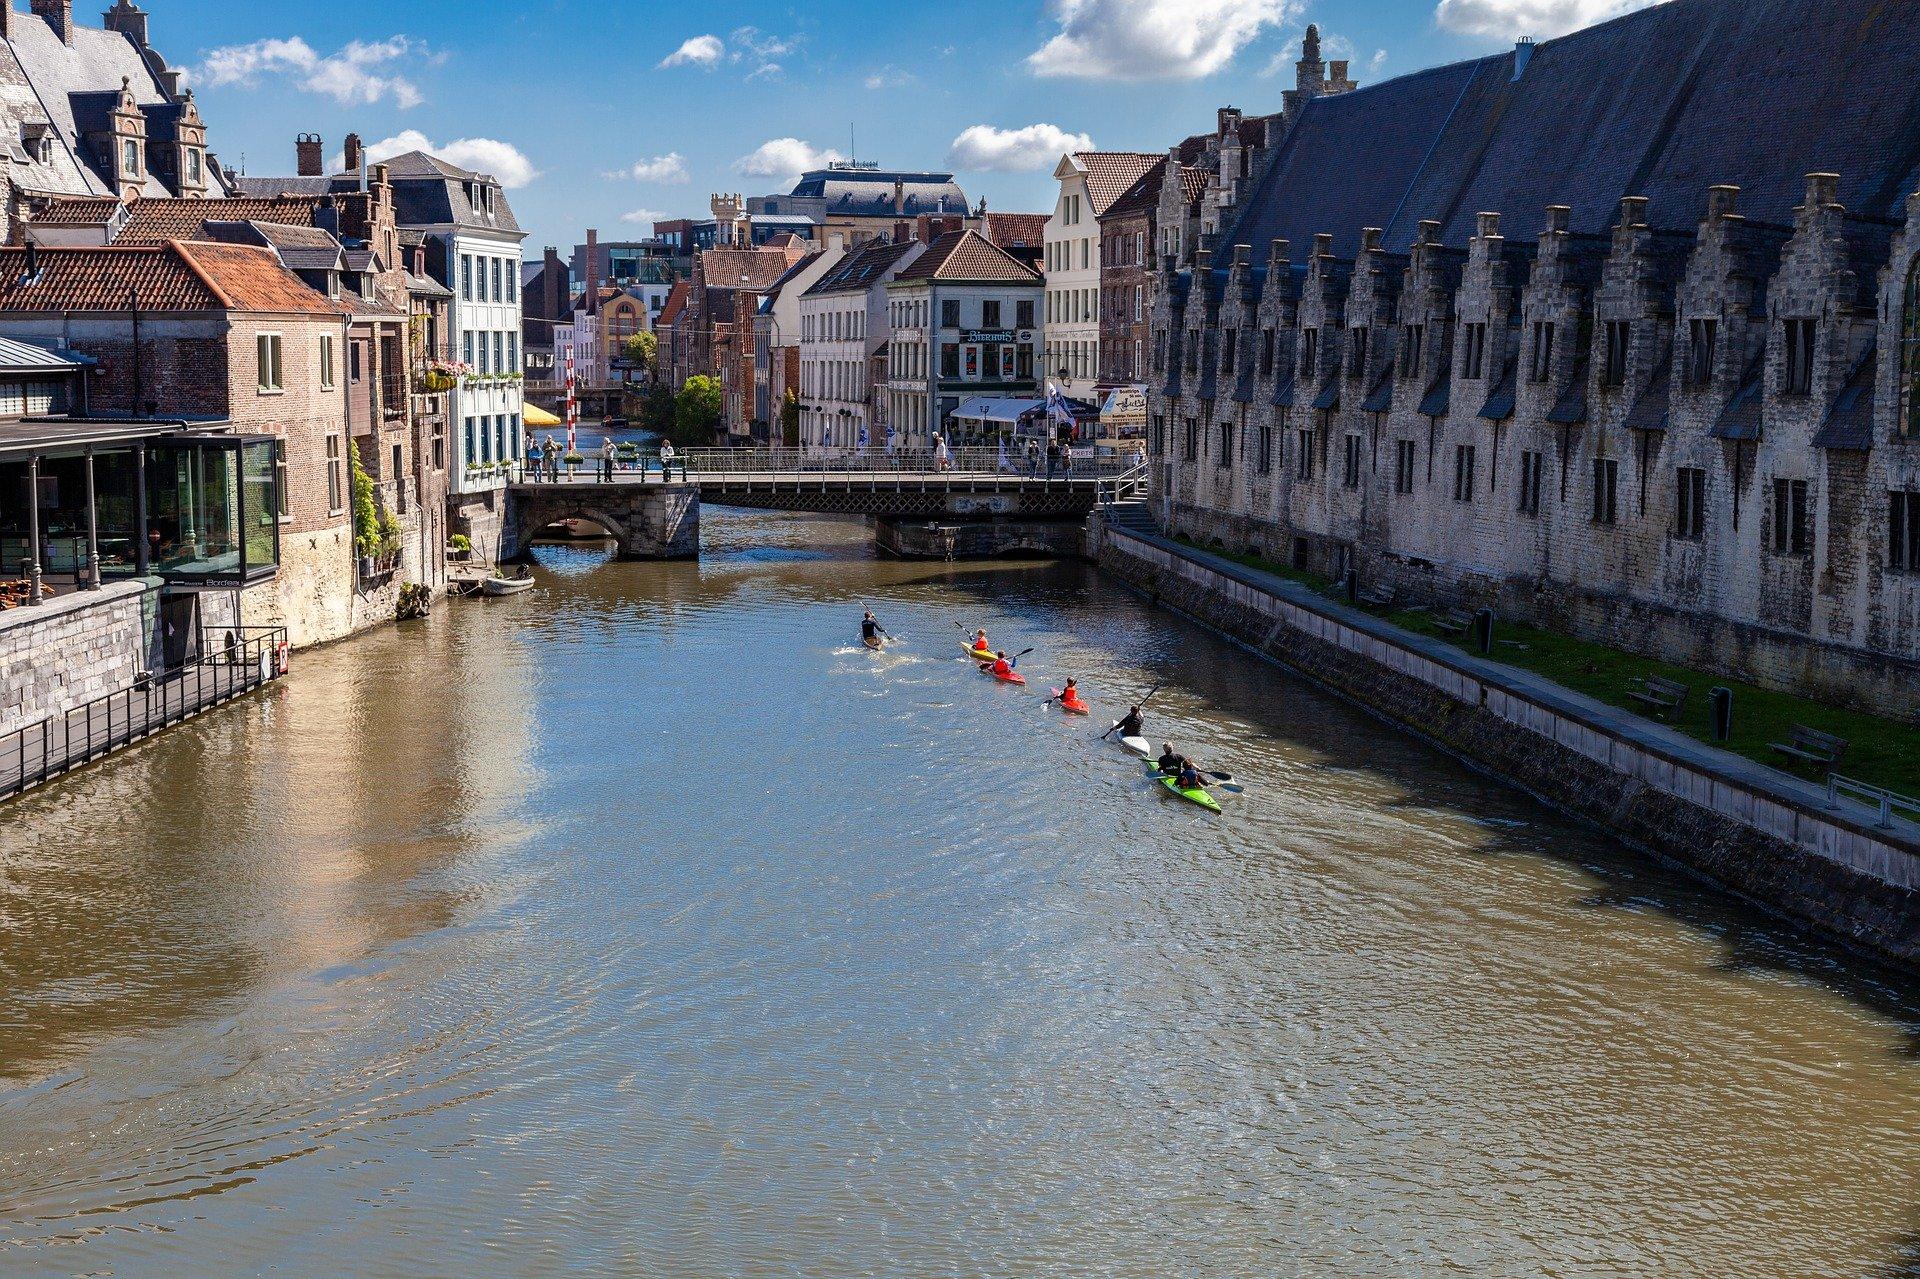 People are kayaking in the waterways of Belgium.